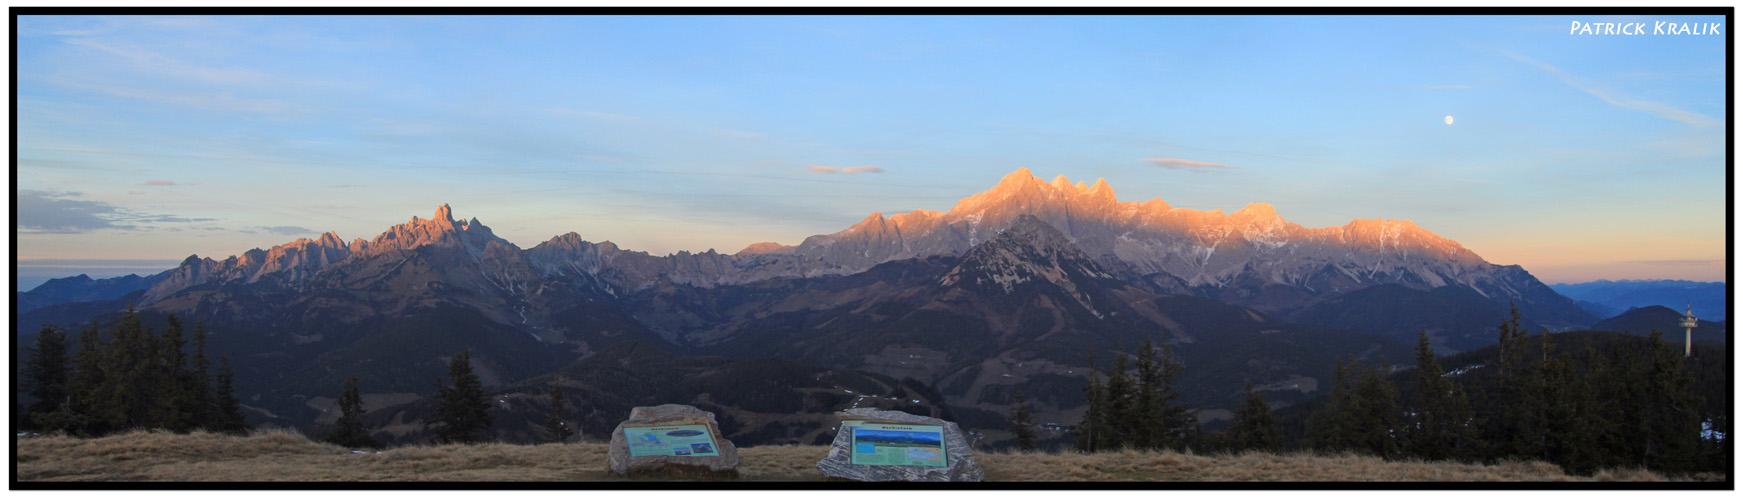 Dachsteingebirge im Salzurger Land